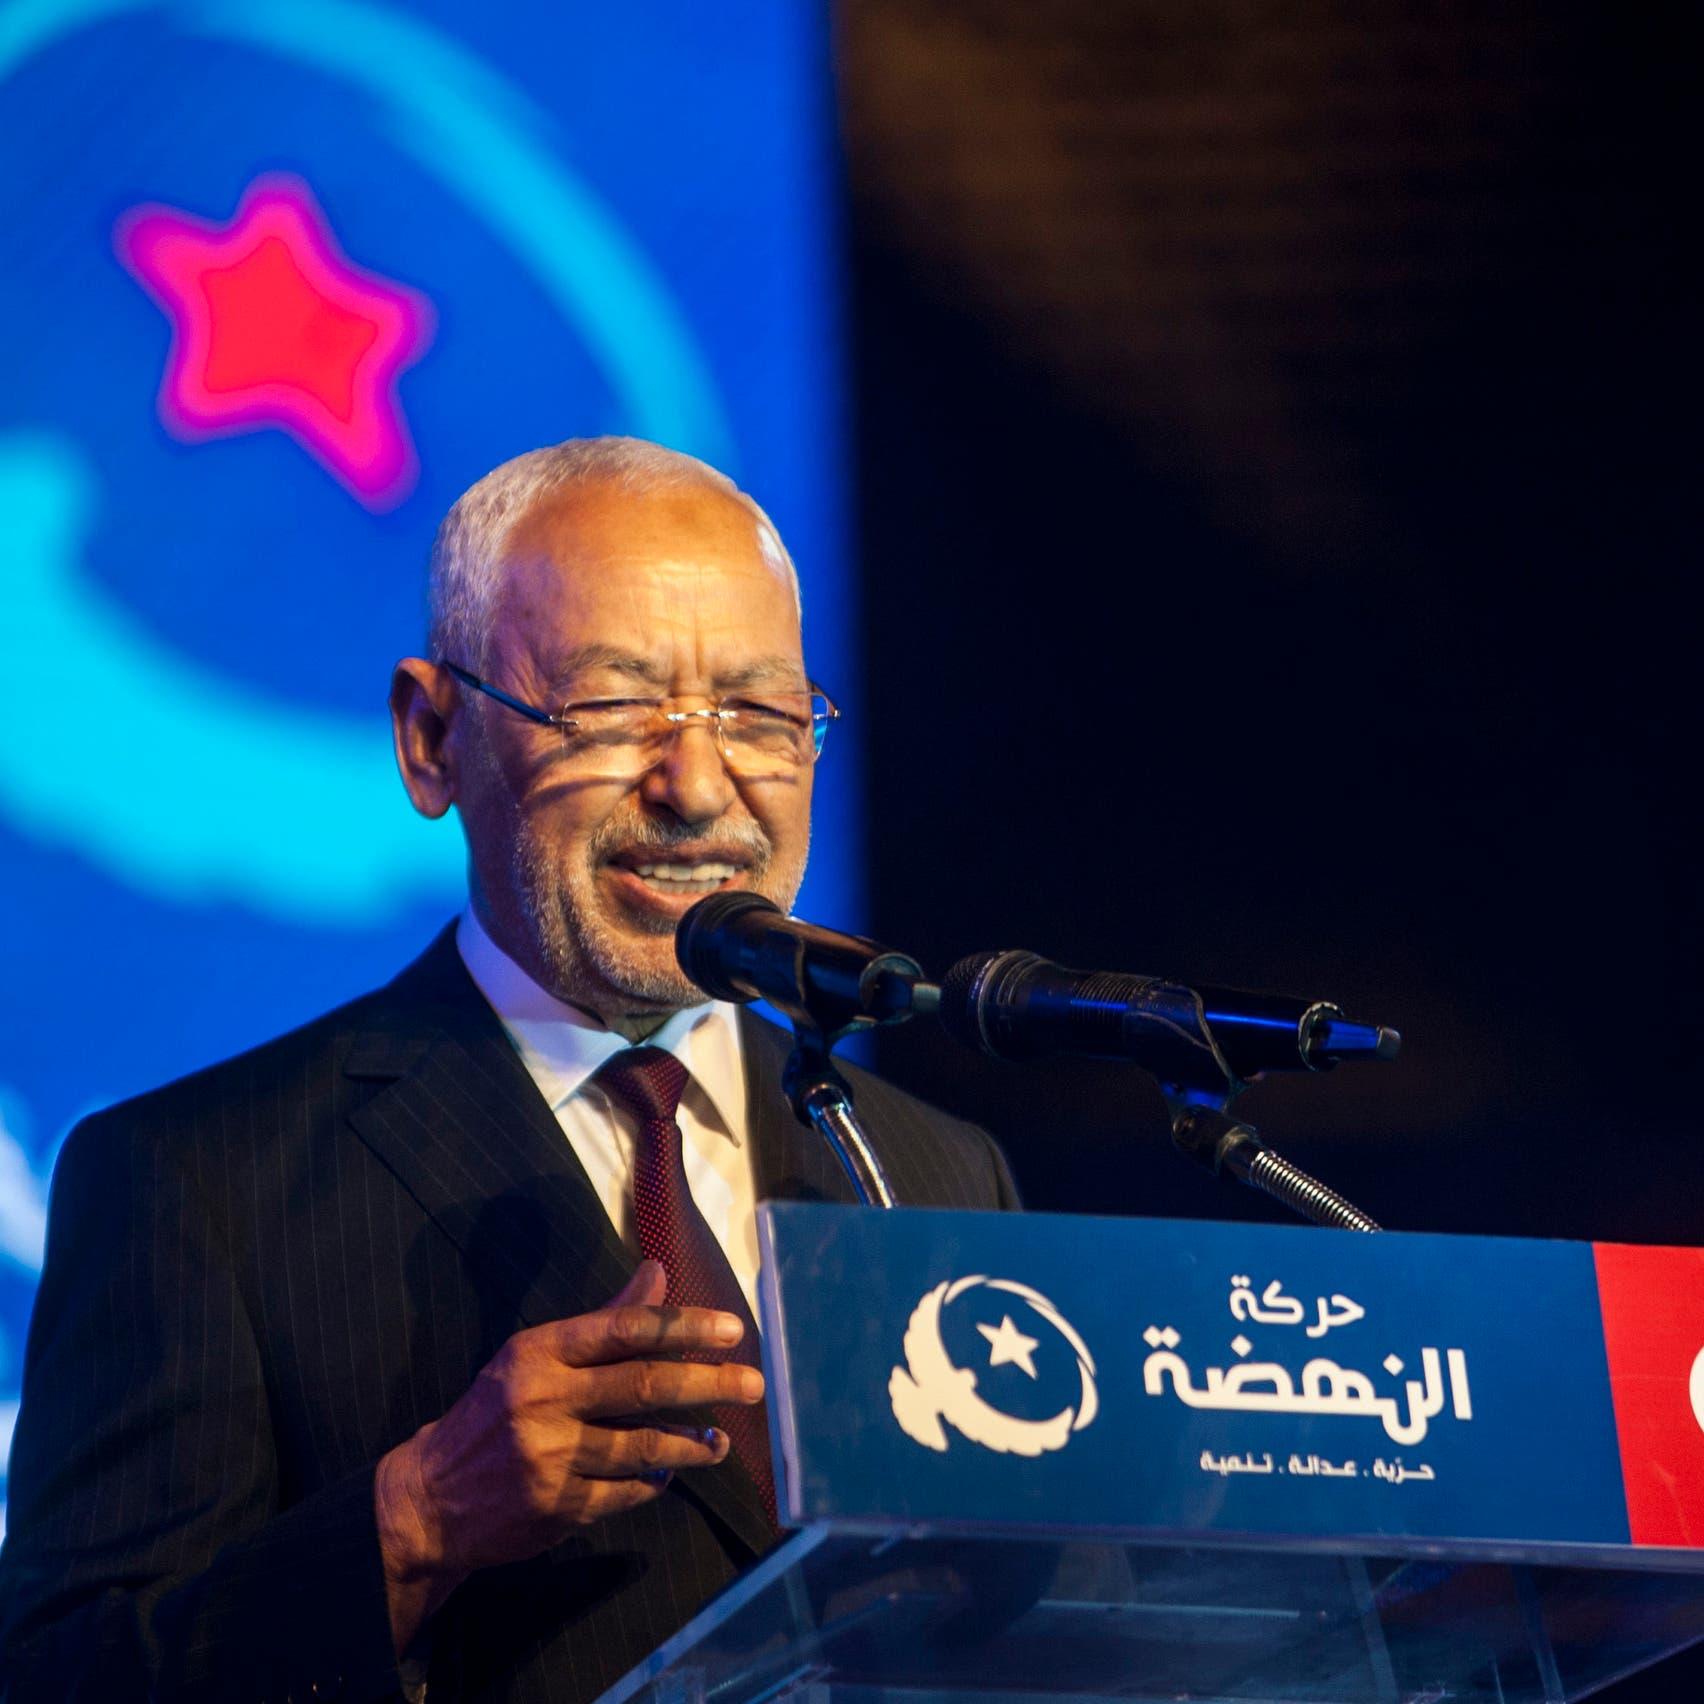 نائب تونسي للشعب: انتفضوا لإسقاط الغنوشي